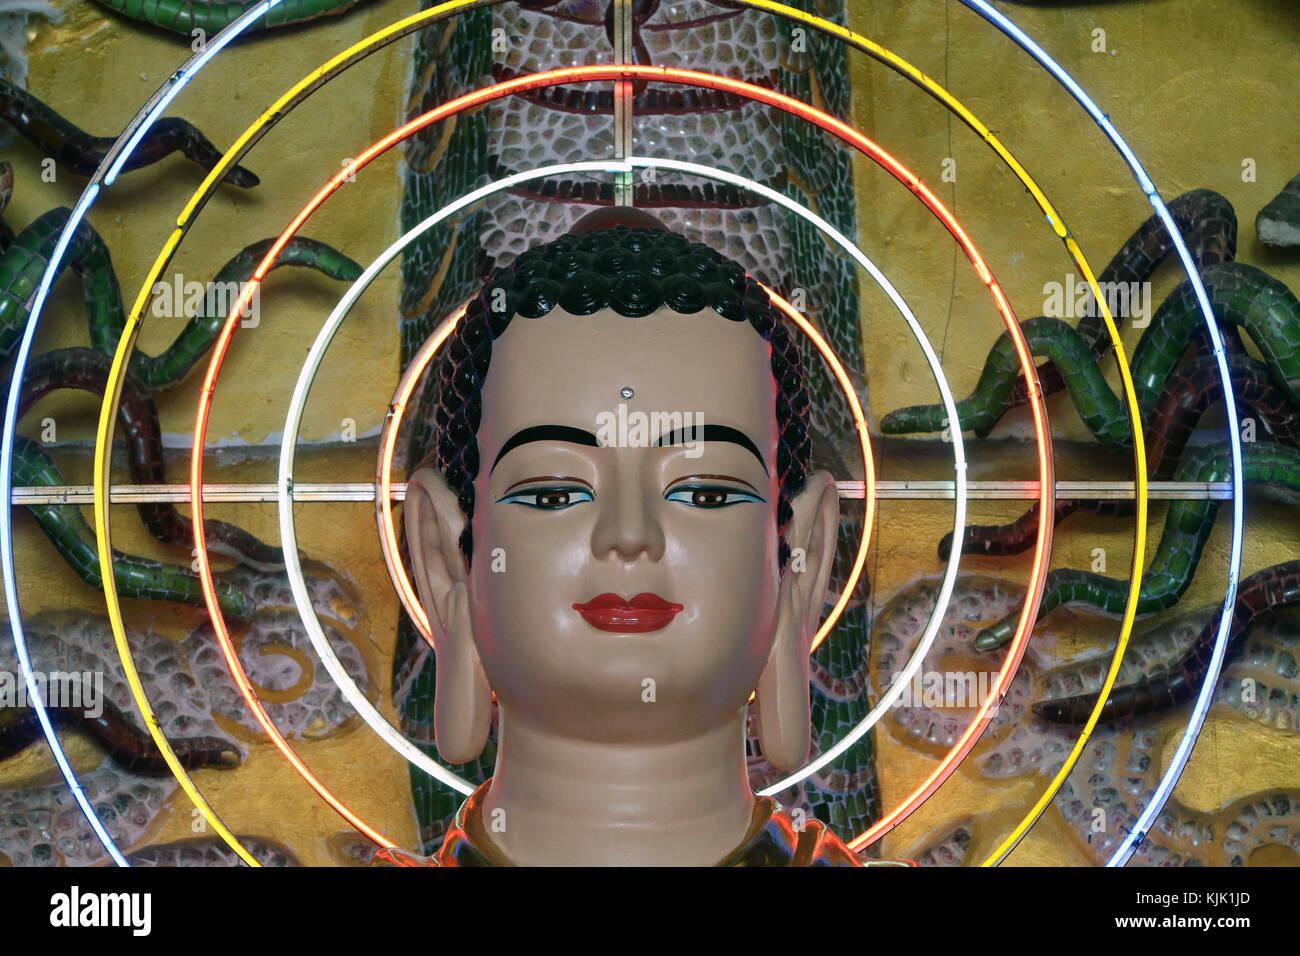 Van Hanh zen monastero buddista. Statua del Buddha con neon cerchi. Dalat. Il Vietnam. Immagini Stock